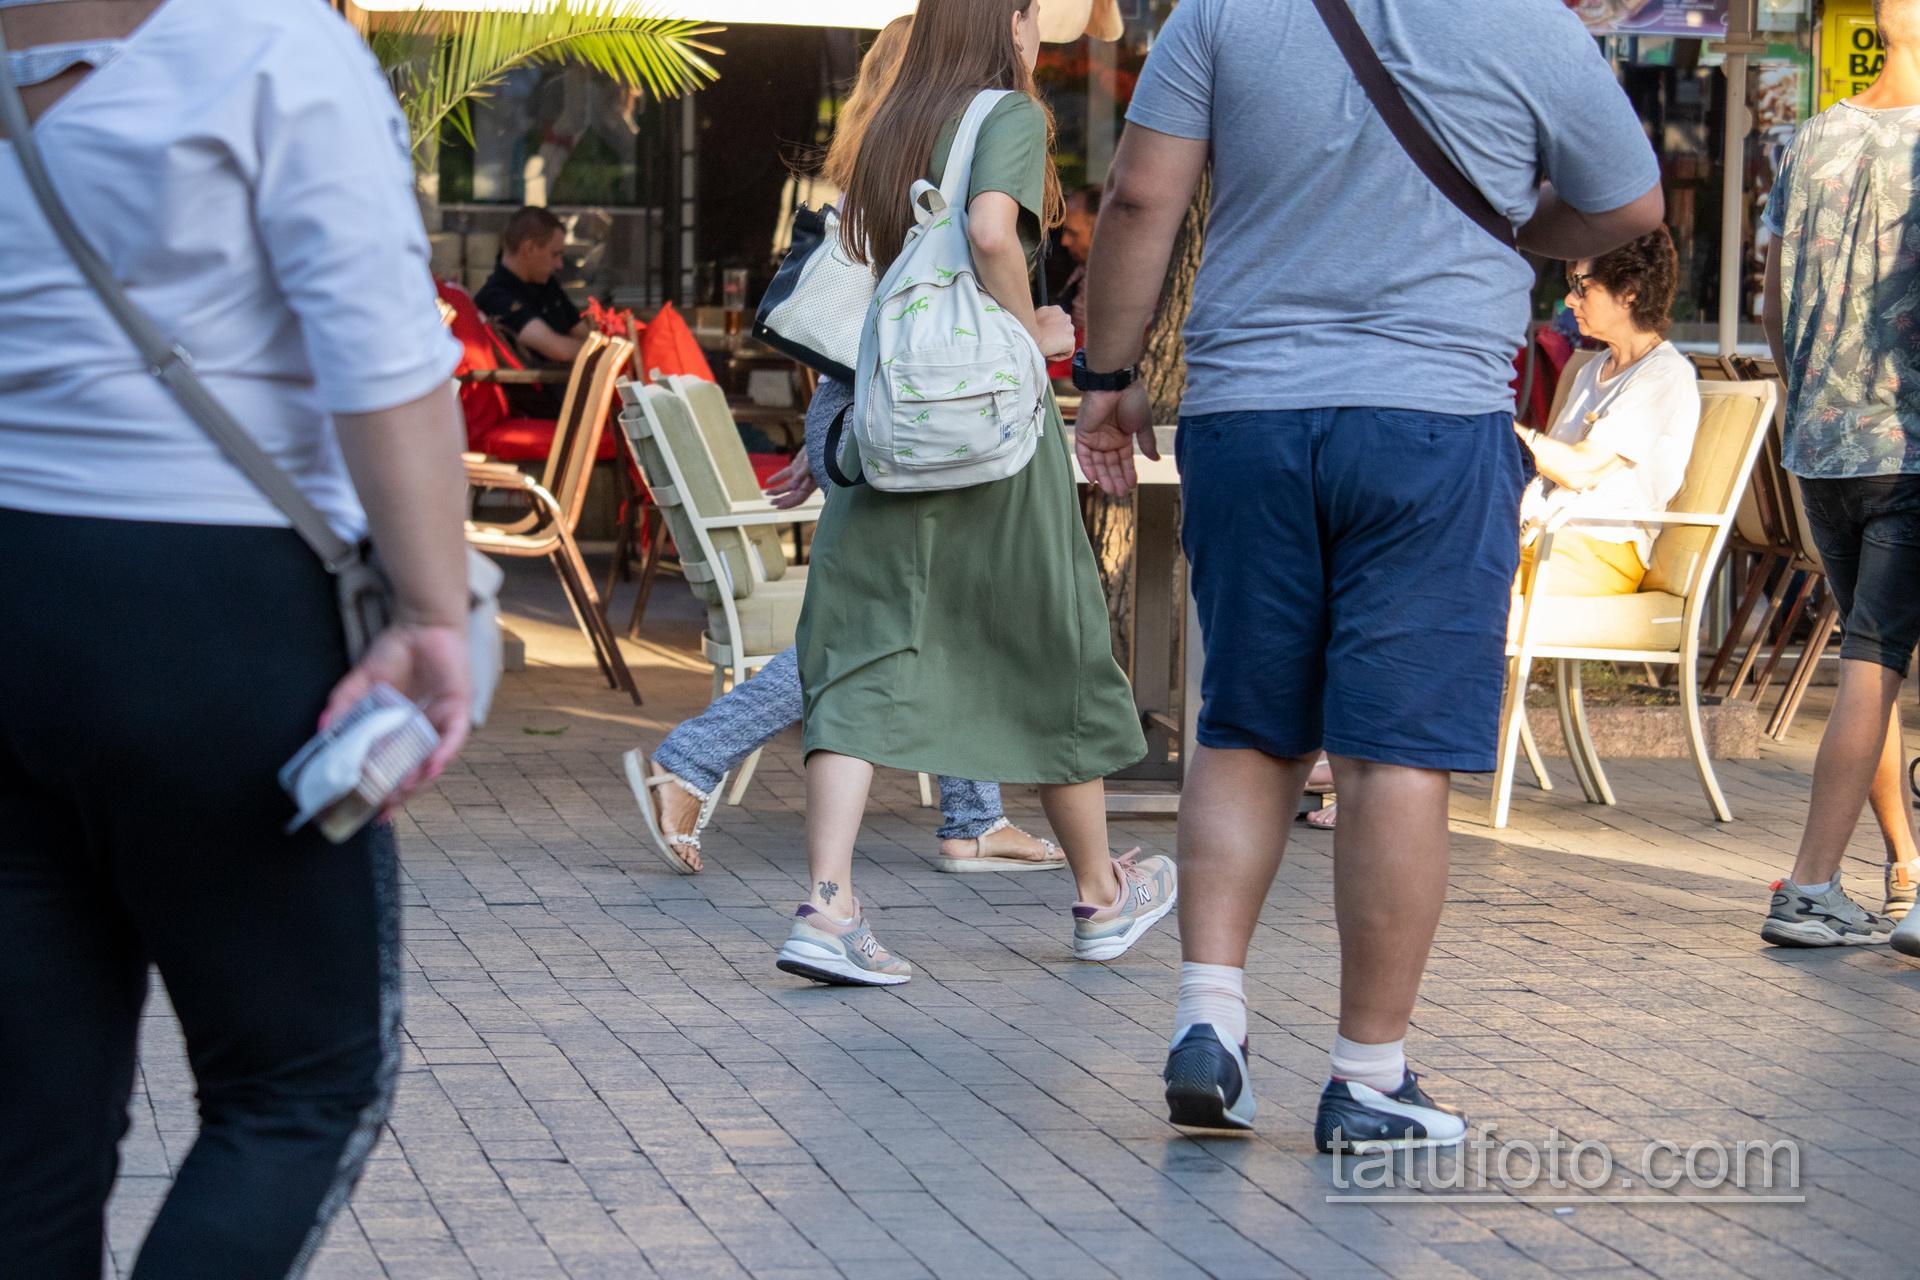 Маленькая тату с саламандрой внизу ноги девушки – Уличная татуировка 14.09.2020 – tatufoto.com 4